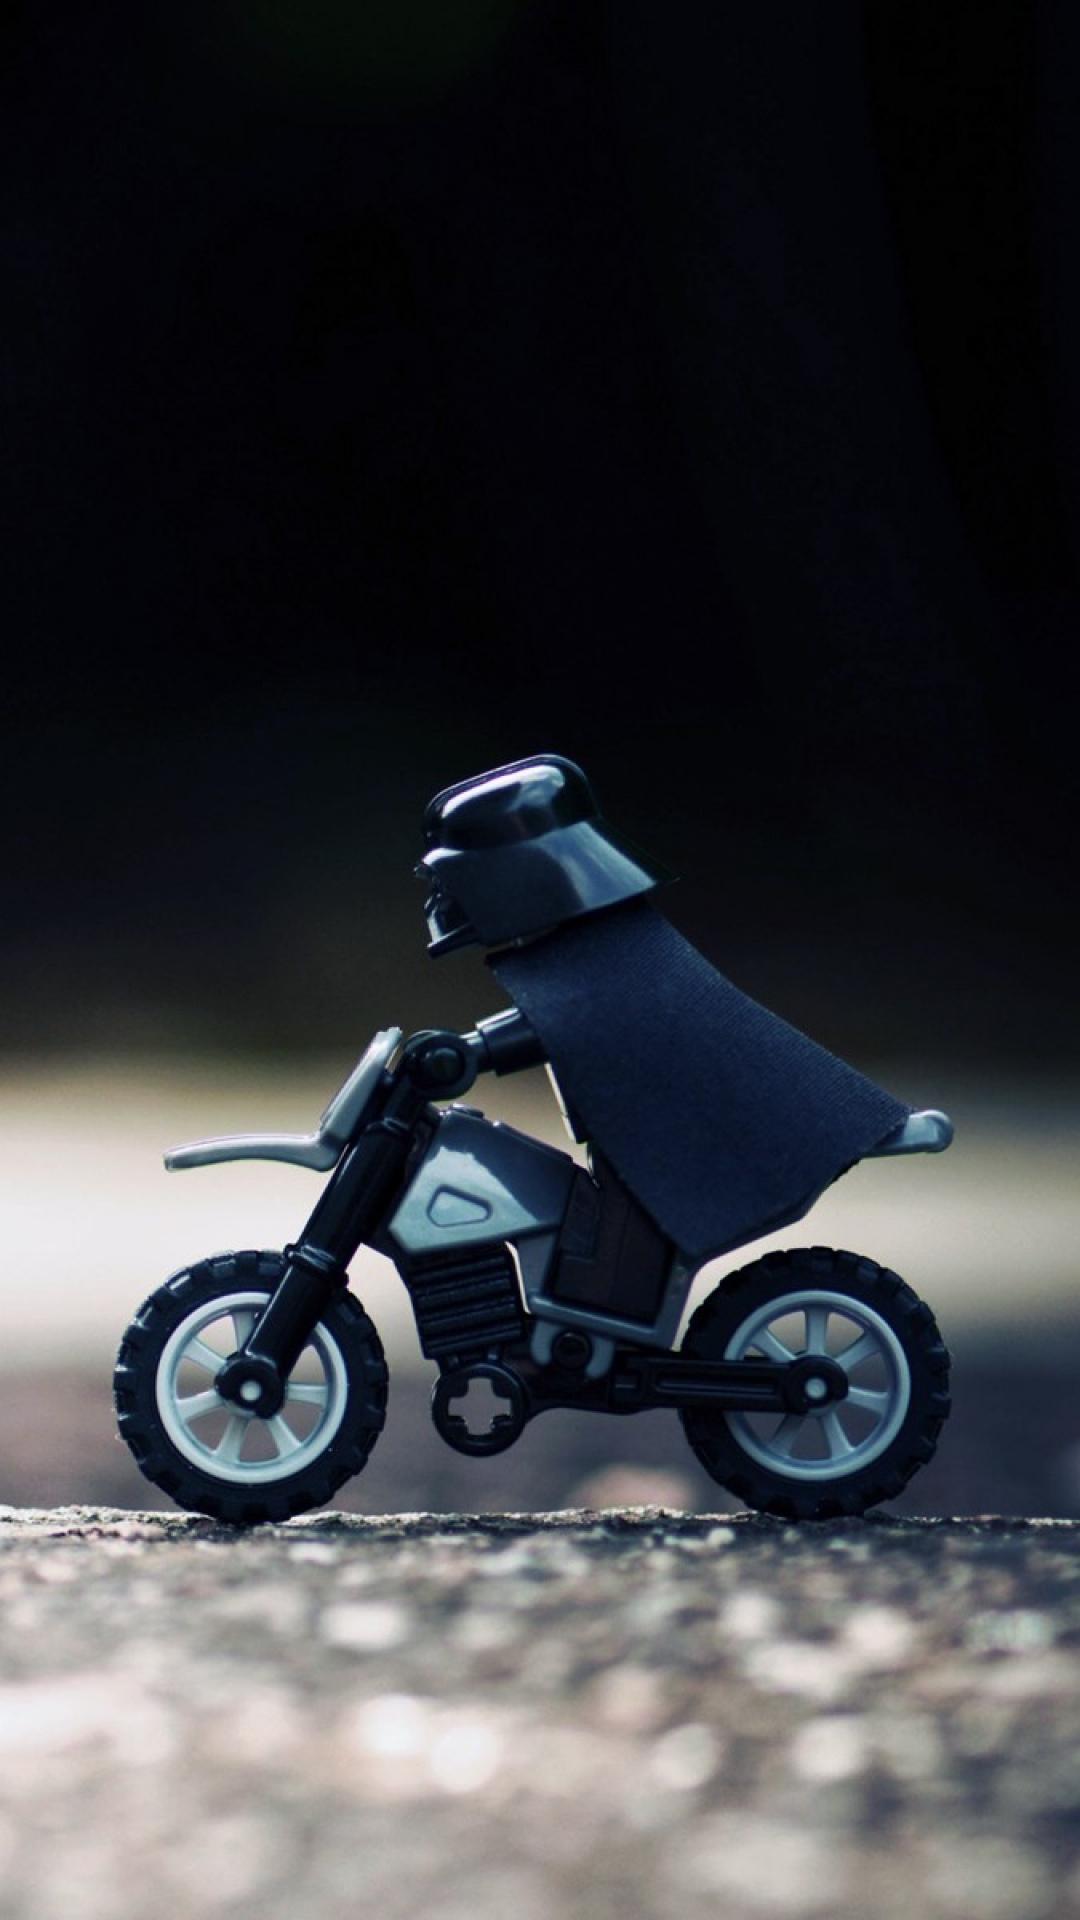 star_wars_lego_hunt_toys_29186_1080x1920.jpg